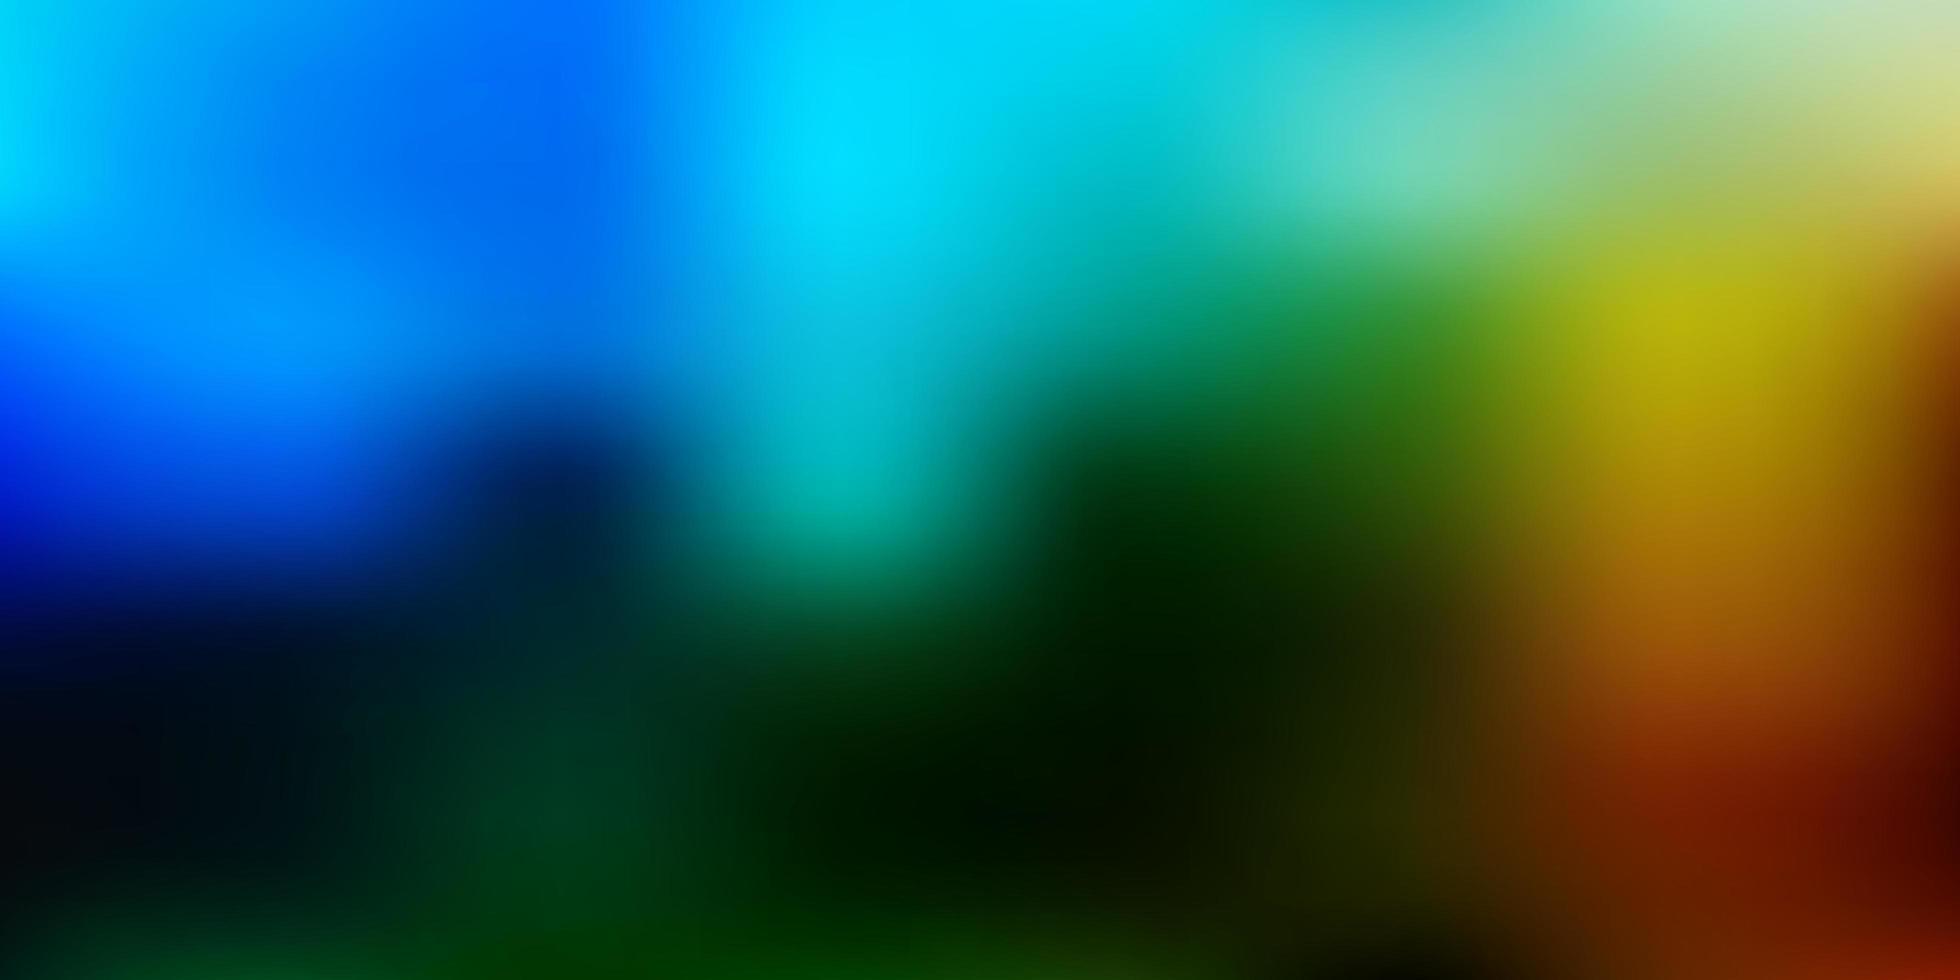 vector azul claro, verde fondo borroso.